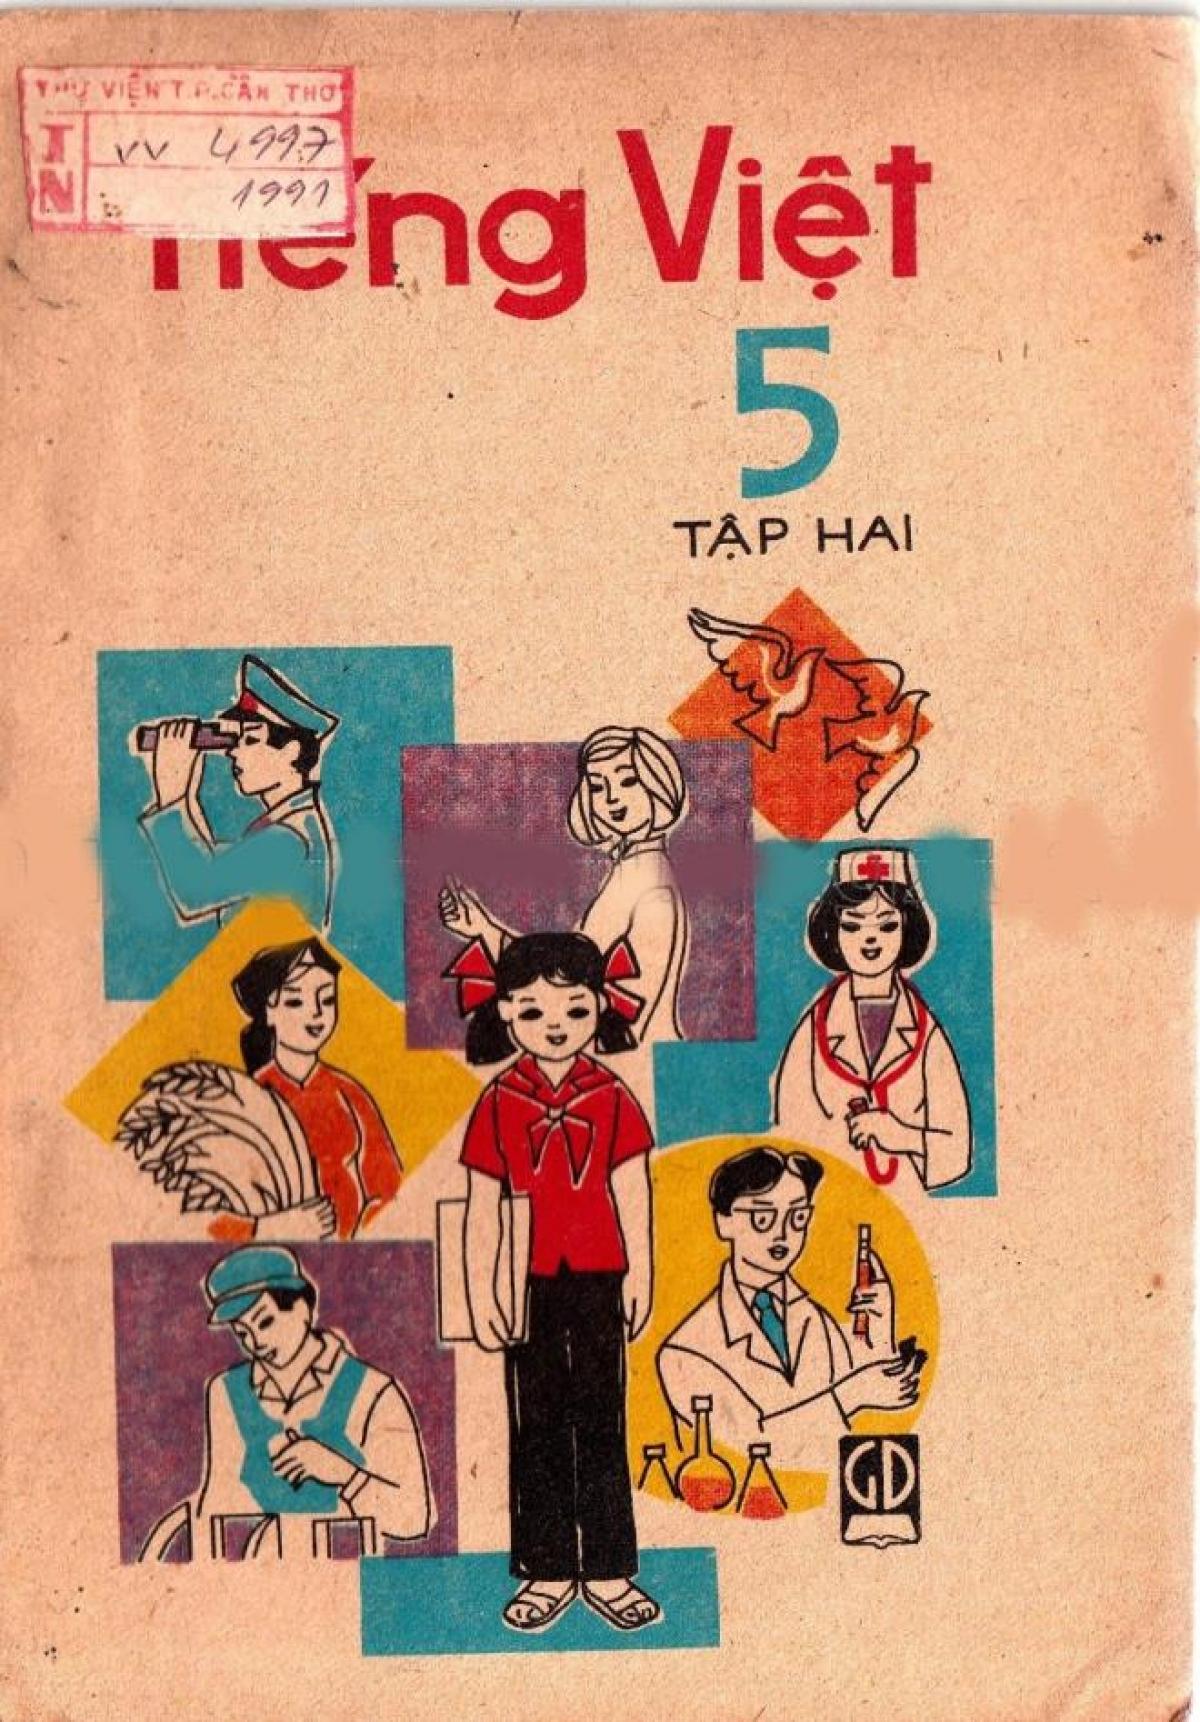 Sách Tiếng Việt lớp 5 tập 2, xuất bản năm 1985.